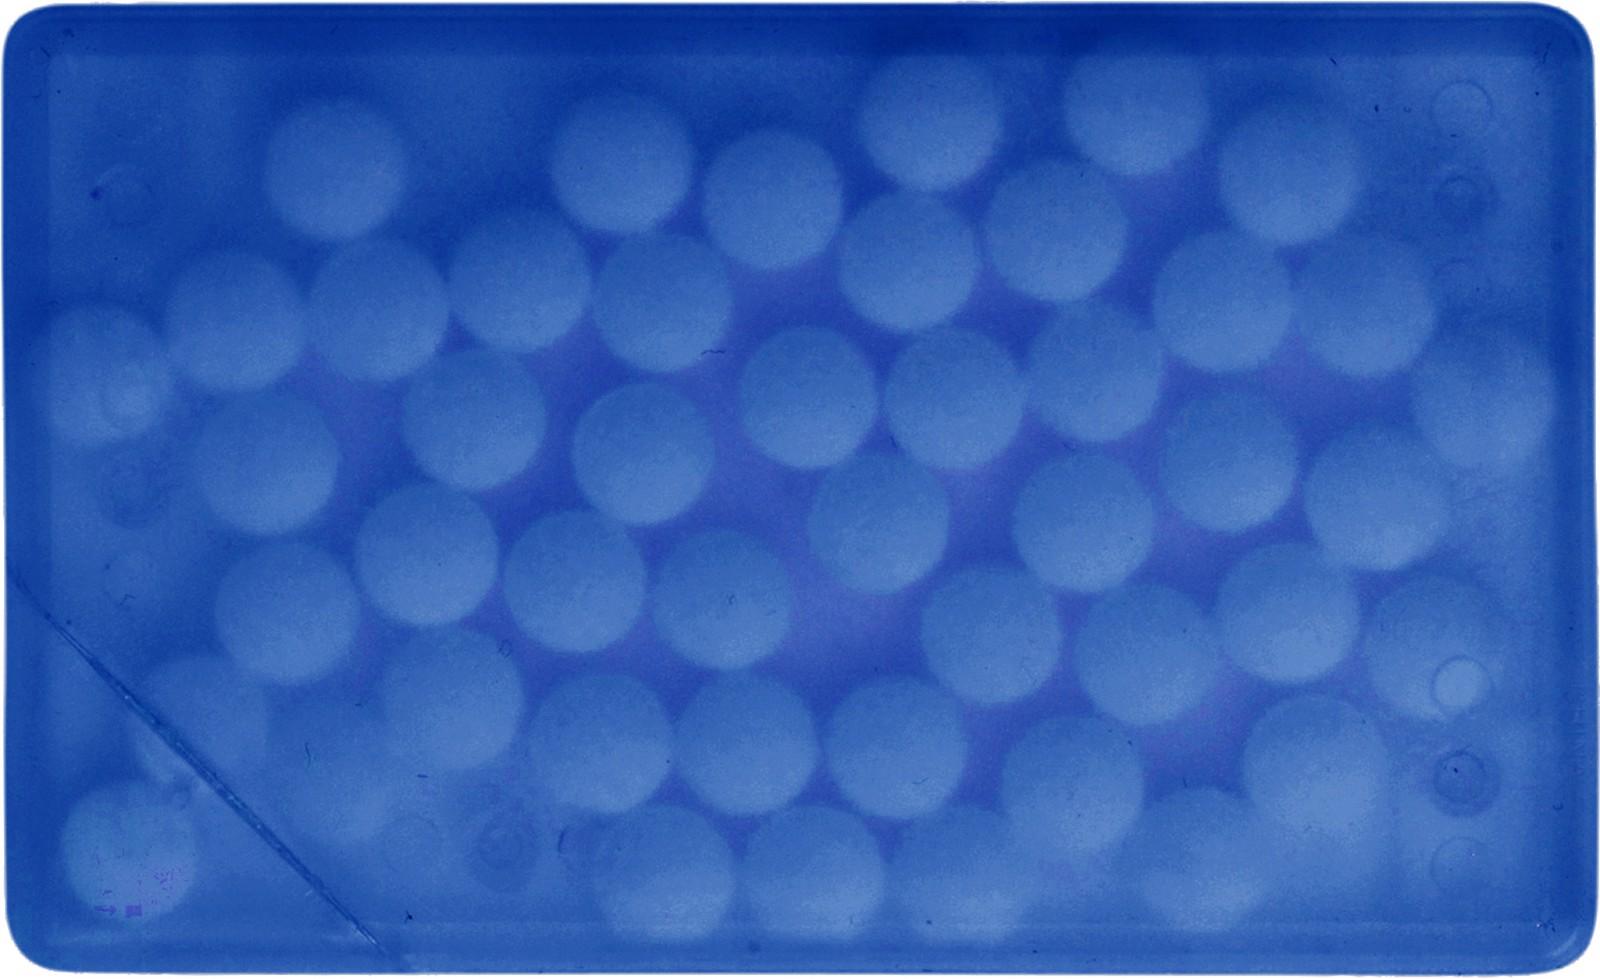 PP case with mints - Cobalt Blue